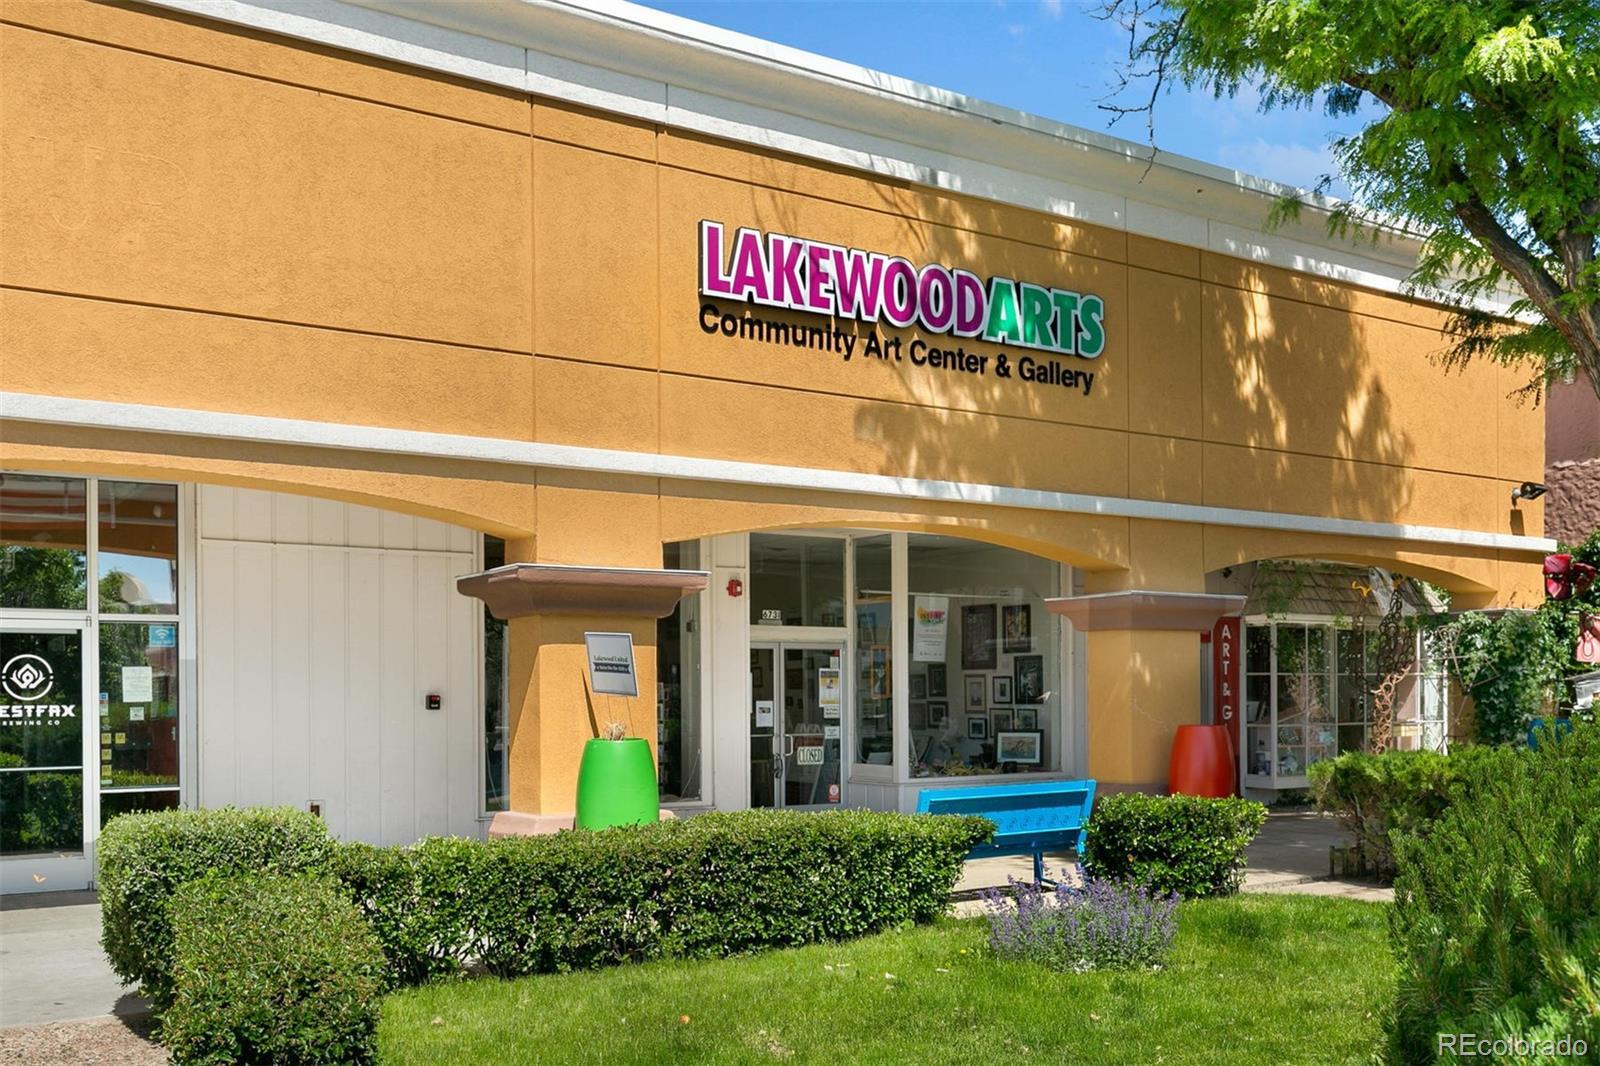 MLS# 8270803 - 27 - 1076 Depew Street, Lakewood, CO 80214